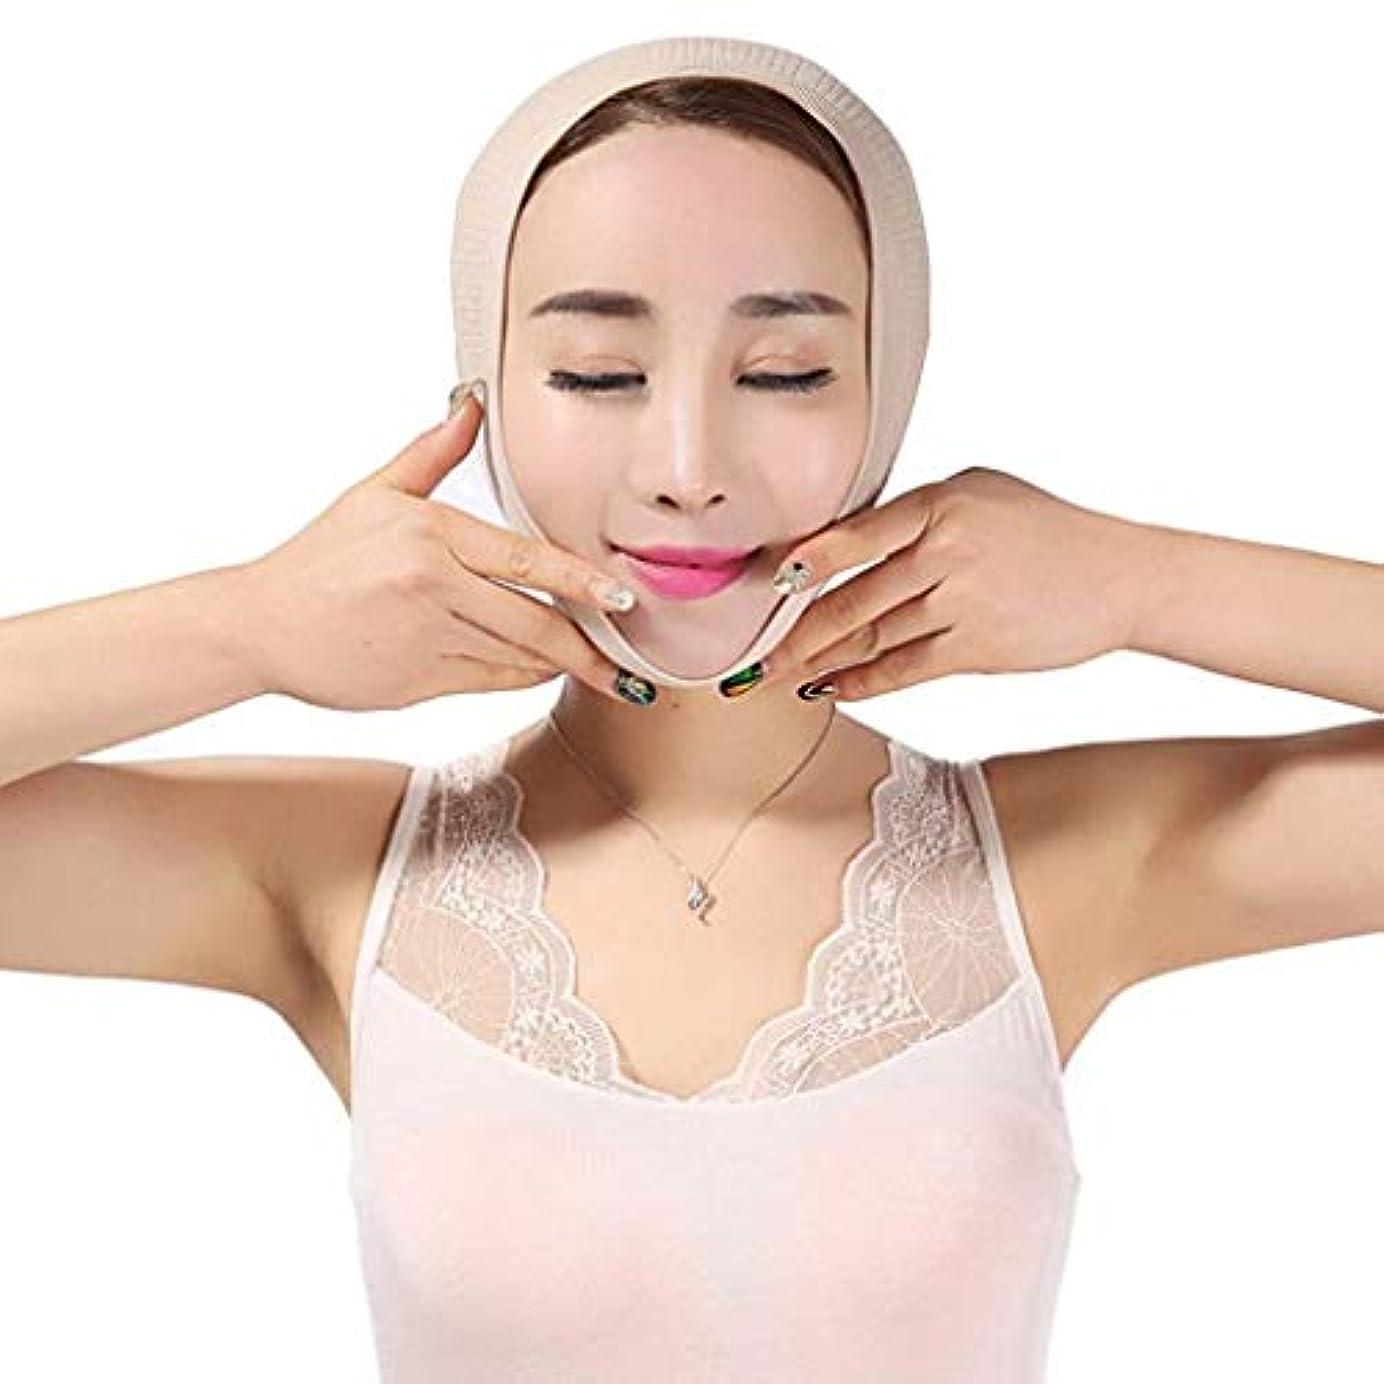 信念休日にボイドVフェイスラインベルトチンチークスリムリフトアップアンチリンクルマスク超薄型ストラップバンドVフェイスラインベルトストラップバンド通気性